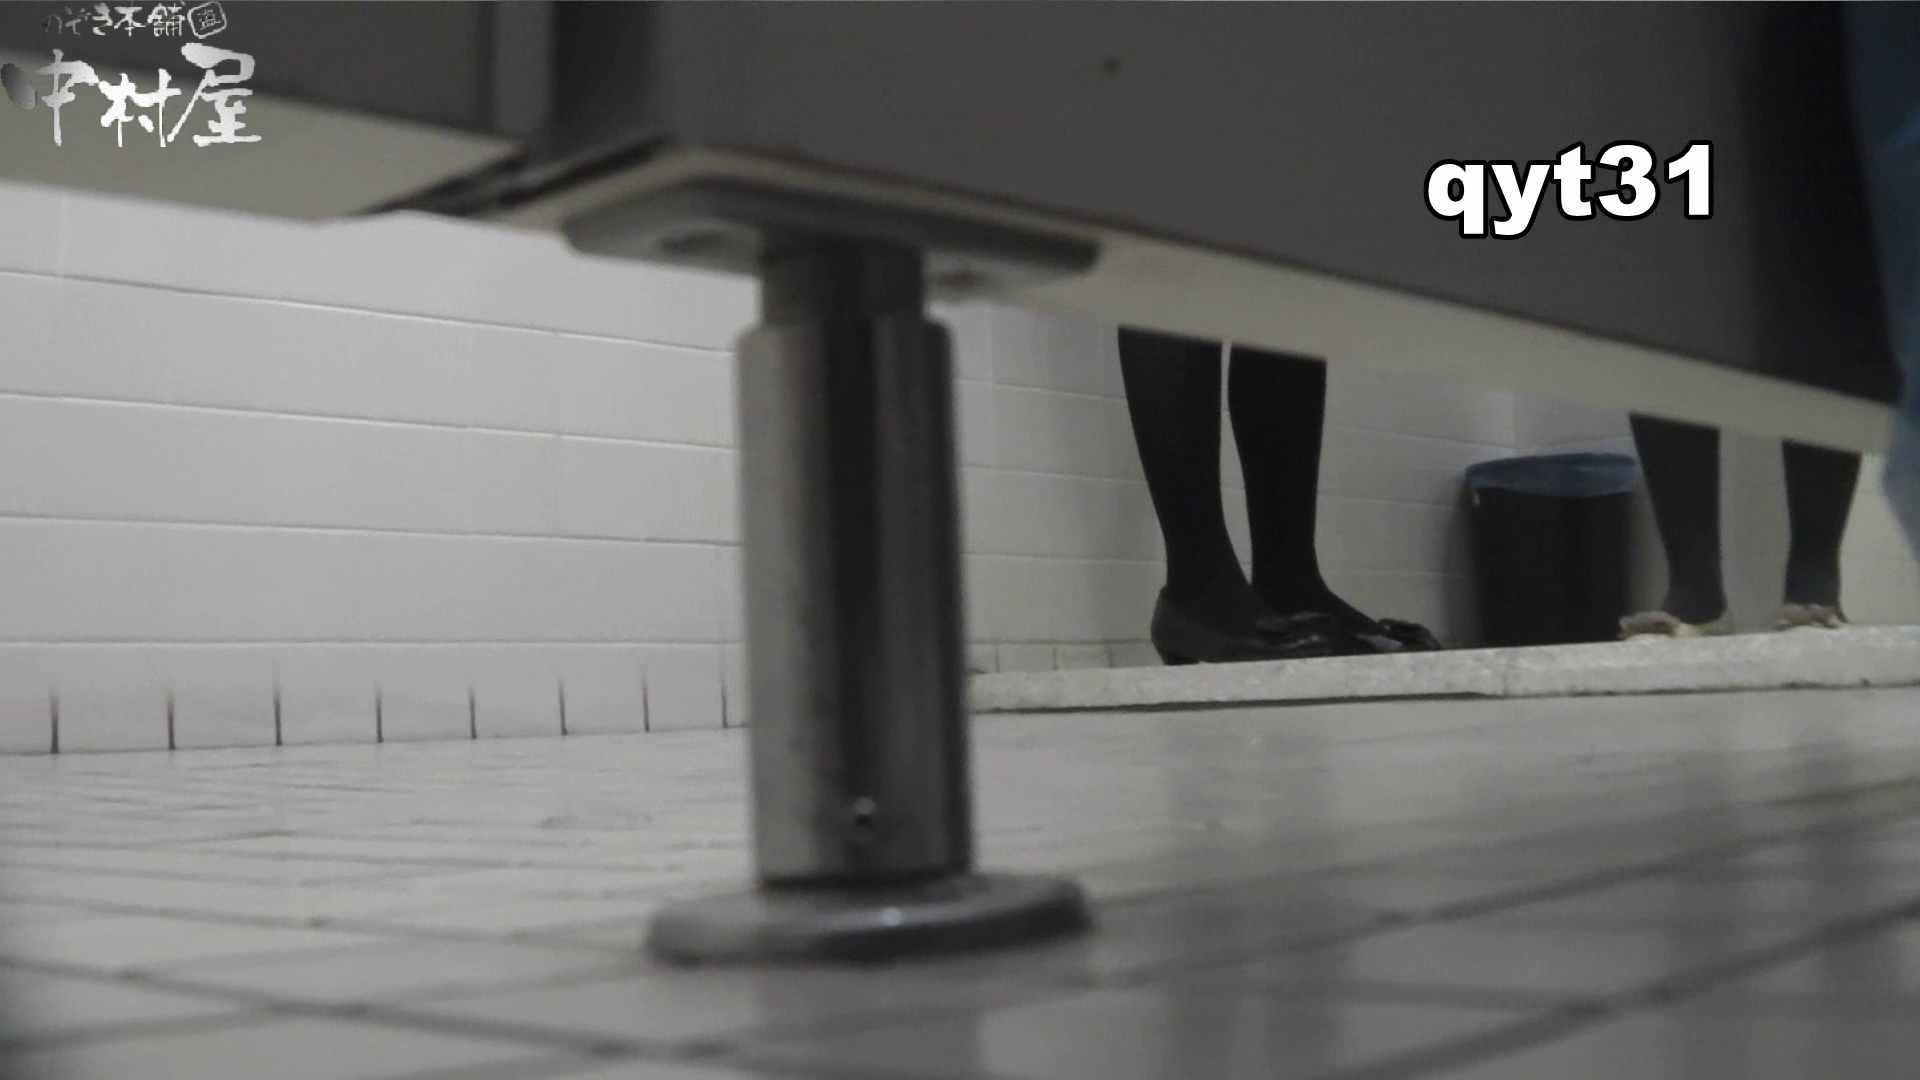 【お銀さんの「洗面所突入レポート!!」】お銀さんの「洗面所突入レポート!!」 vol.31 Σ(||゚Д゚)ヒィ~!! OLセックス | 洗面所  66画像 61